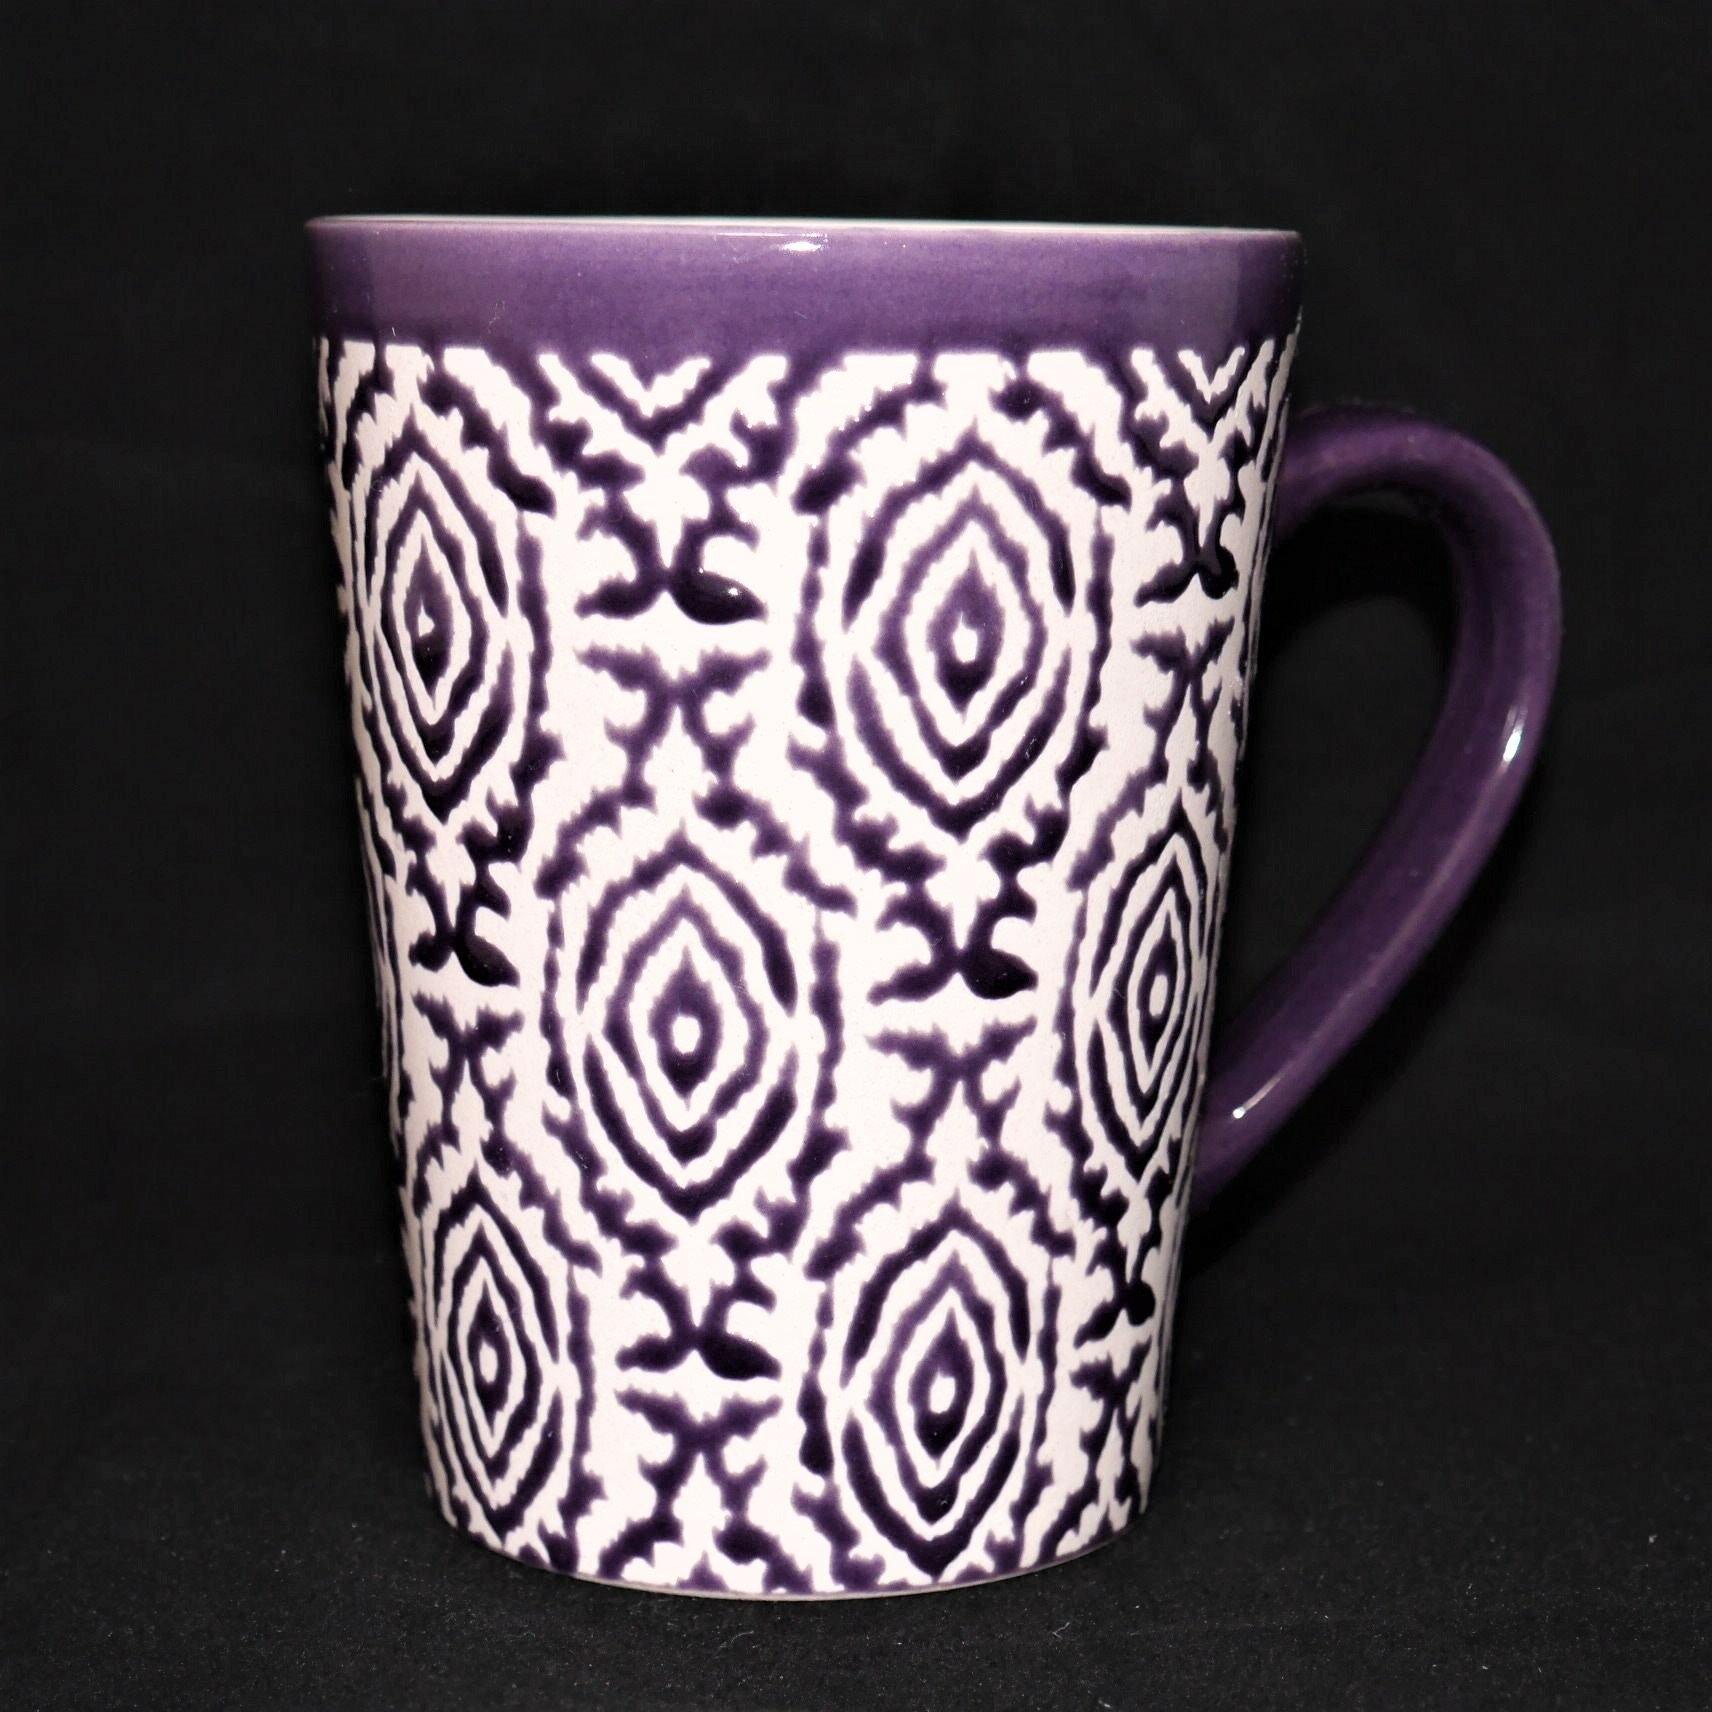 馬克杯紫色幾何紋500ml【曉風】 0